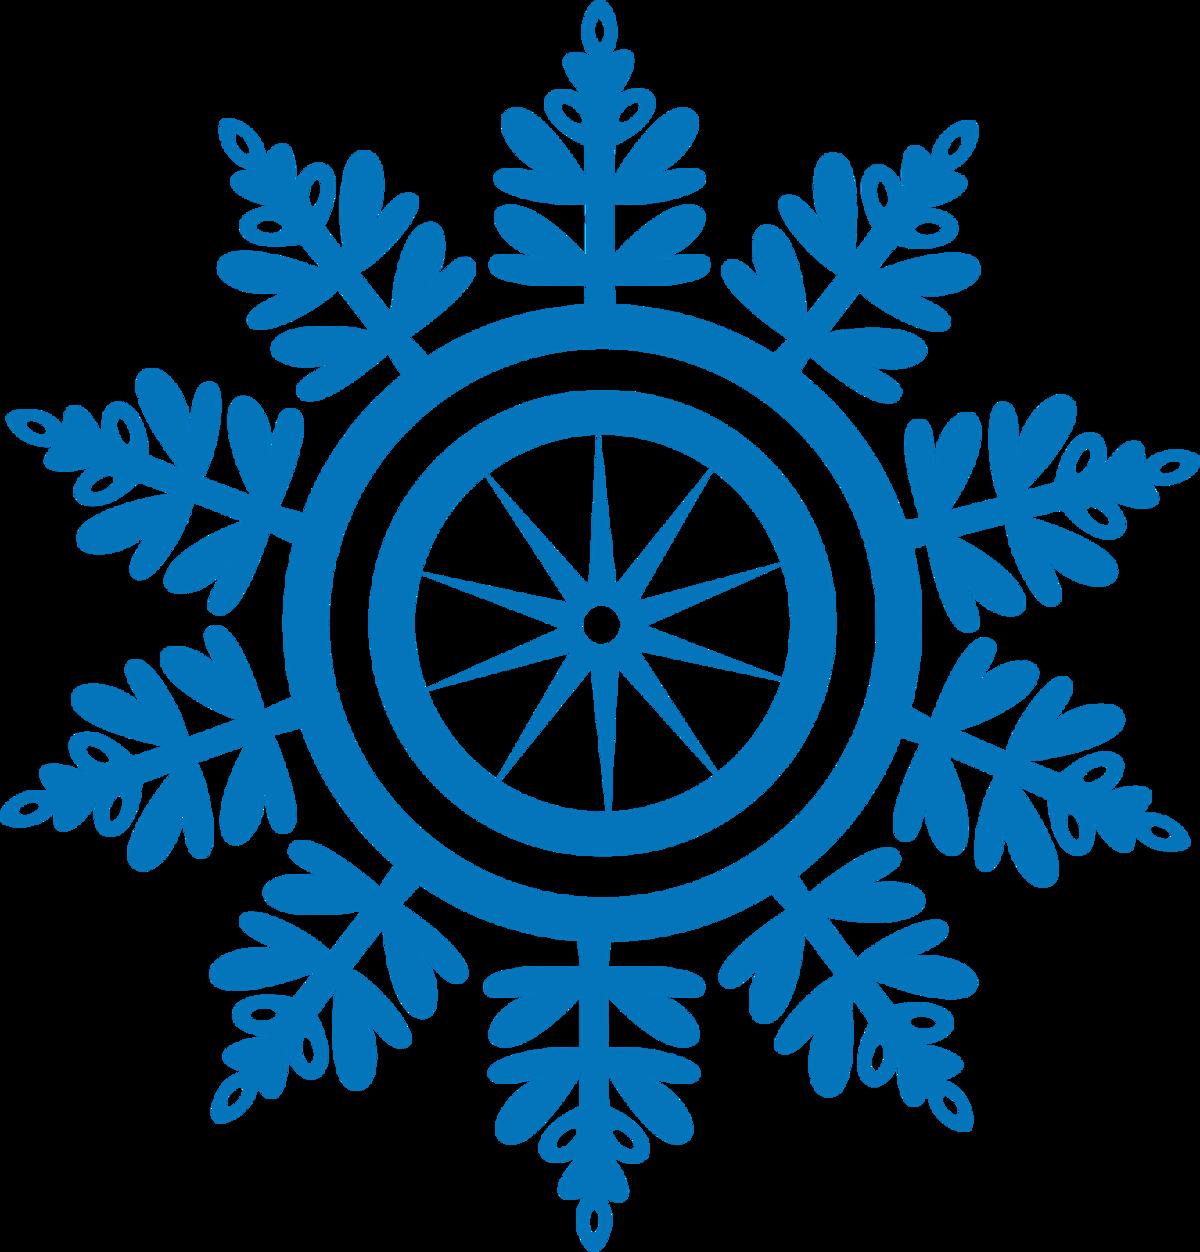 Зима символы картинки